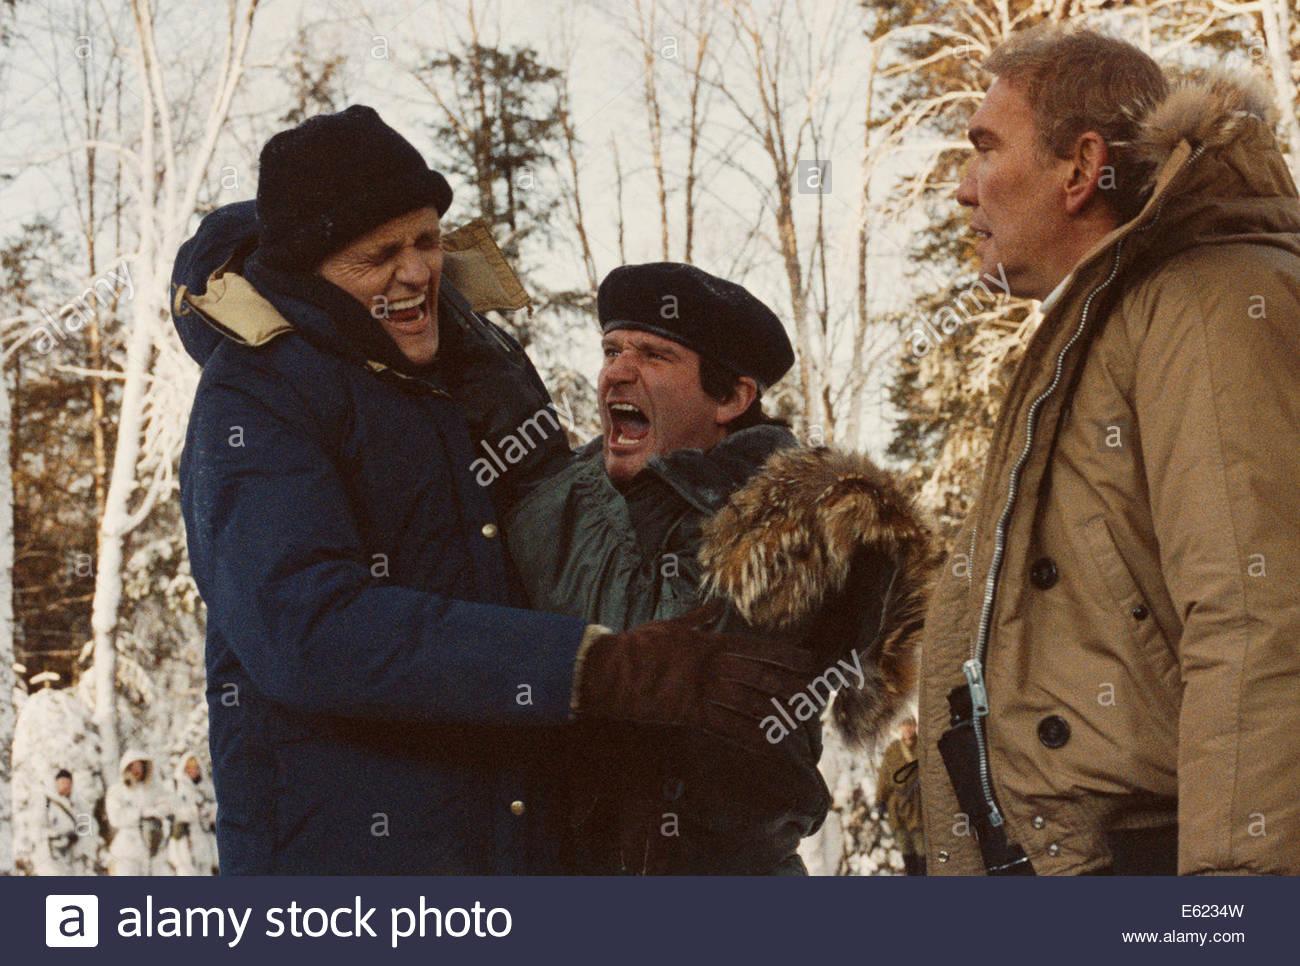 Les survivants (1983) - Avec la permission de Granamour Weems Collection. Usage éditorial uniquement. Licencié Photo Stock